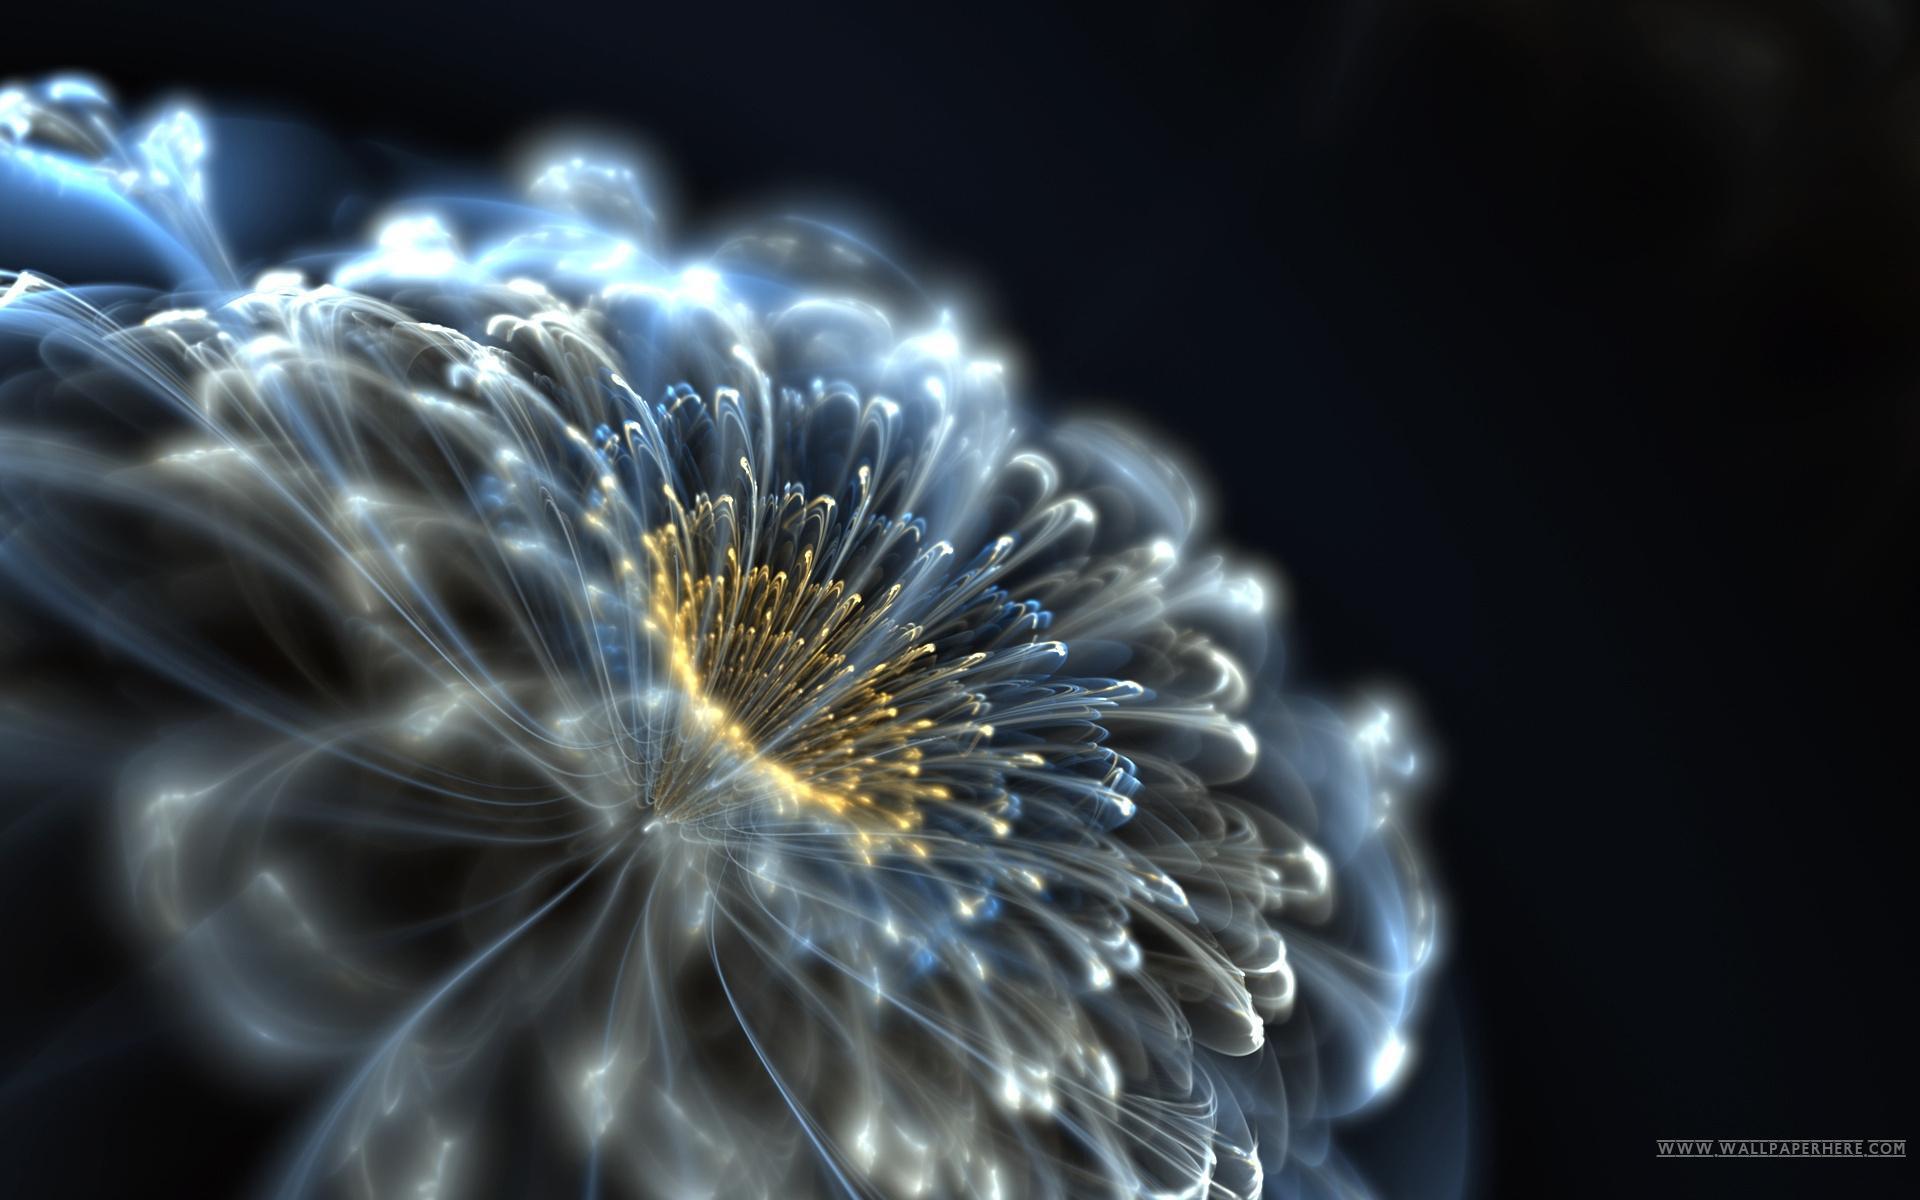 صور تري دي خلفيات للكمبيوتر ولاب توب wallpapers for desktop 3D